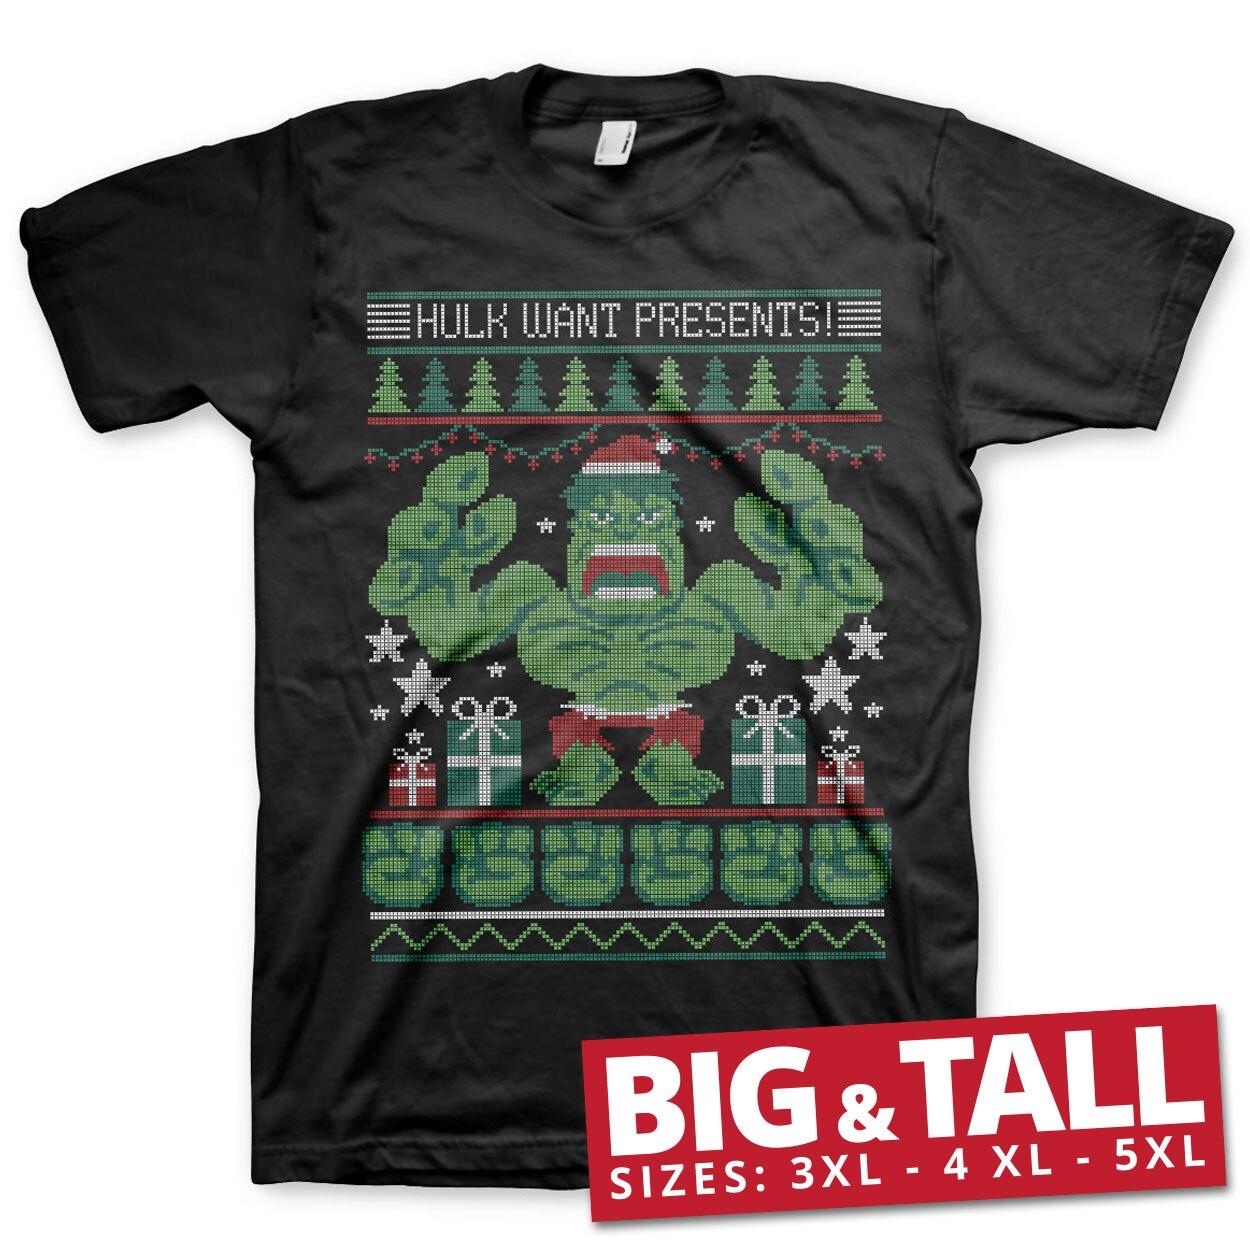 Hulk Want Presents! Big & Tall T-Shirt